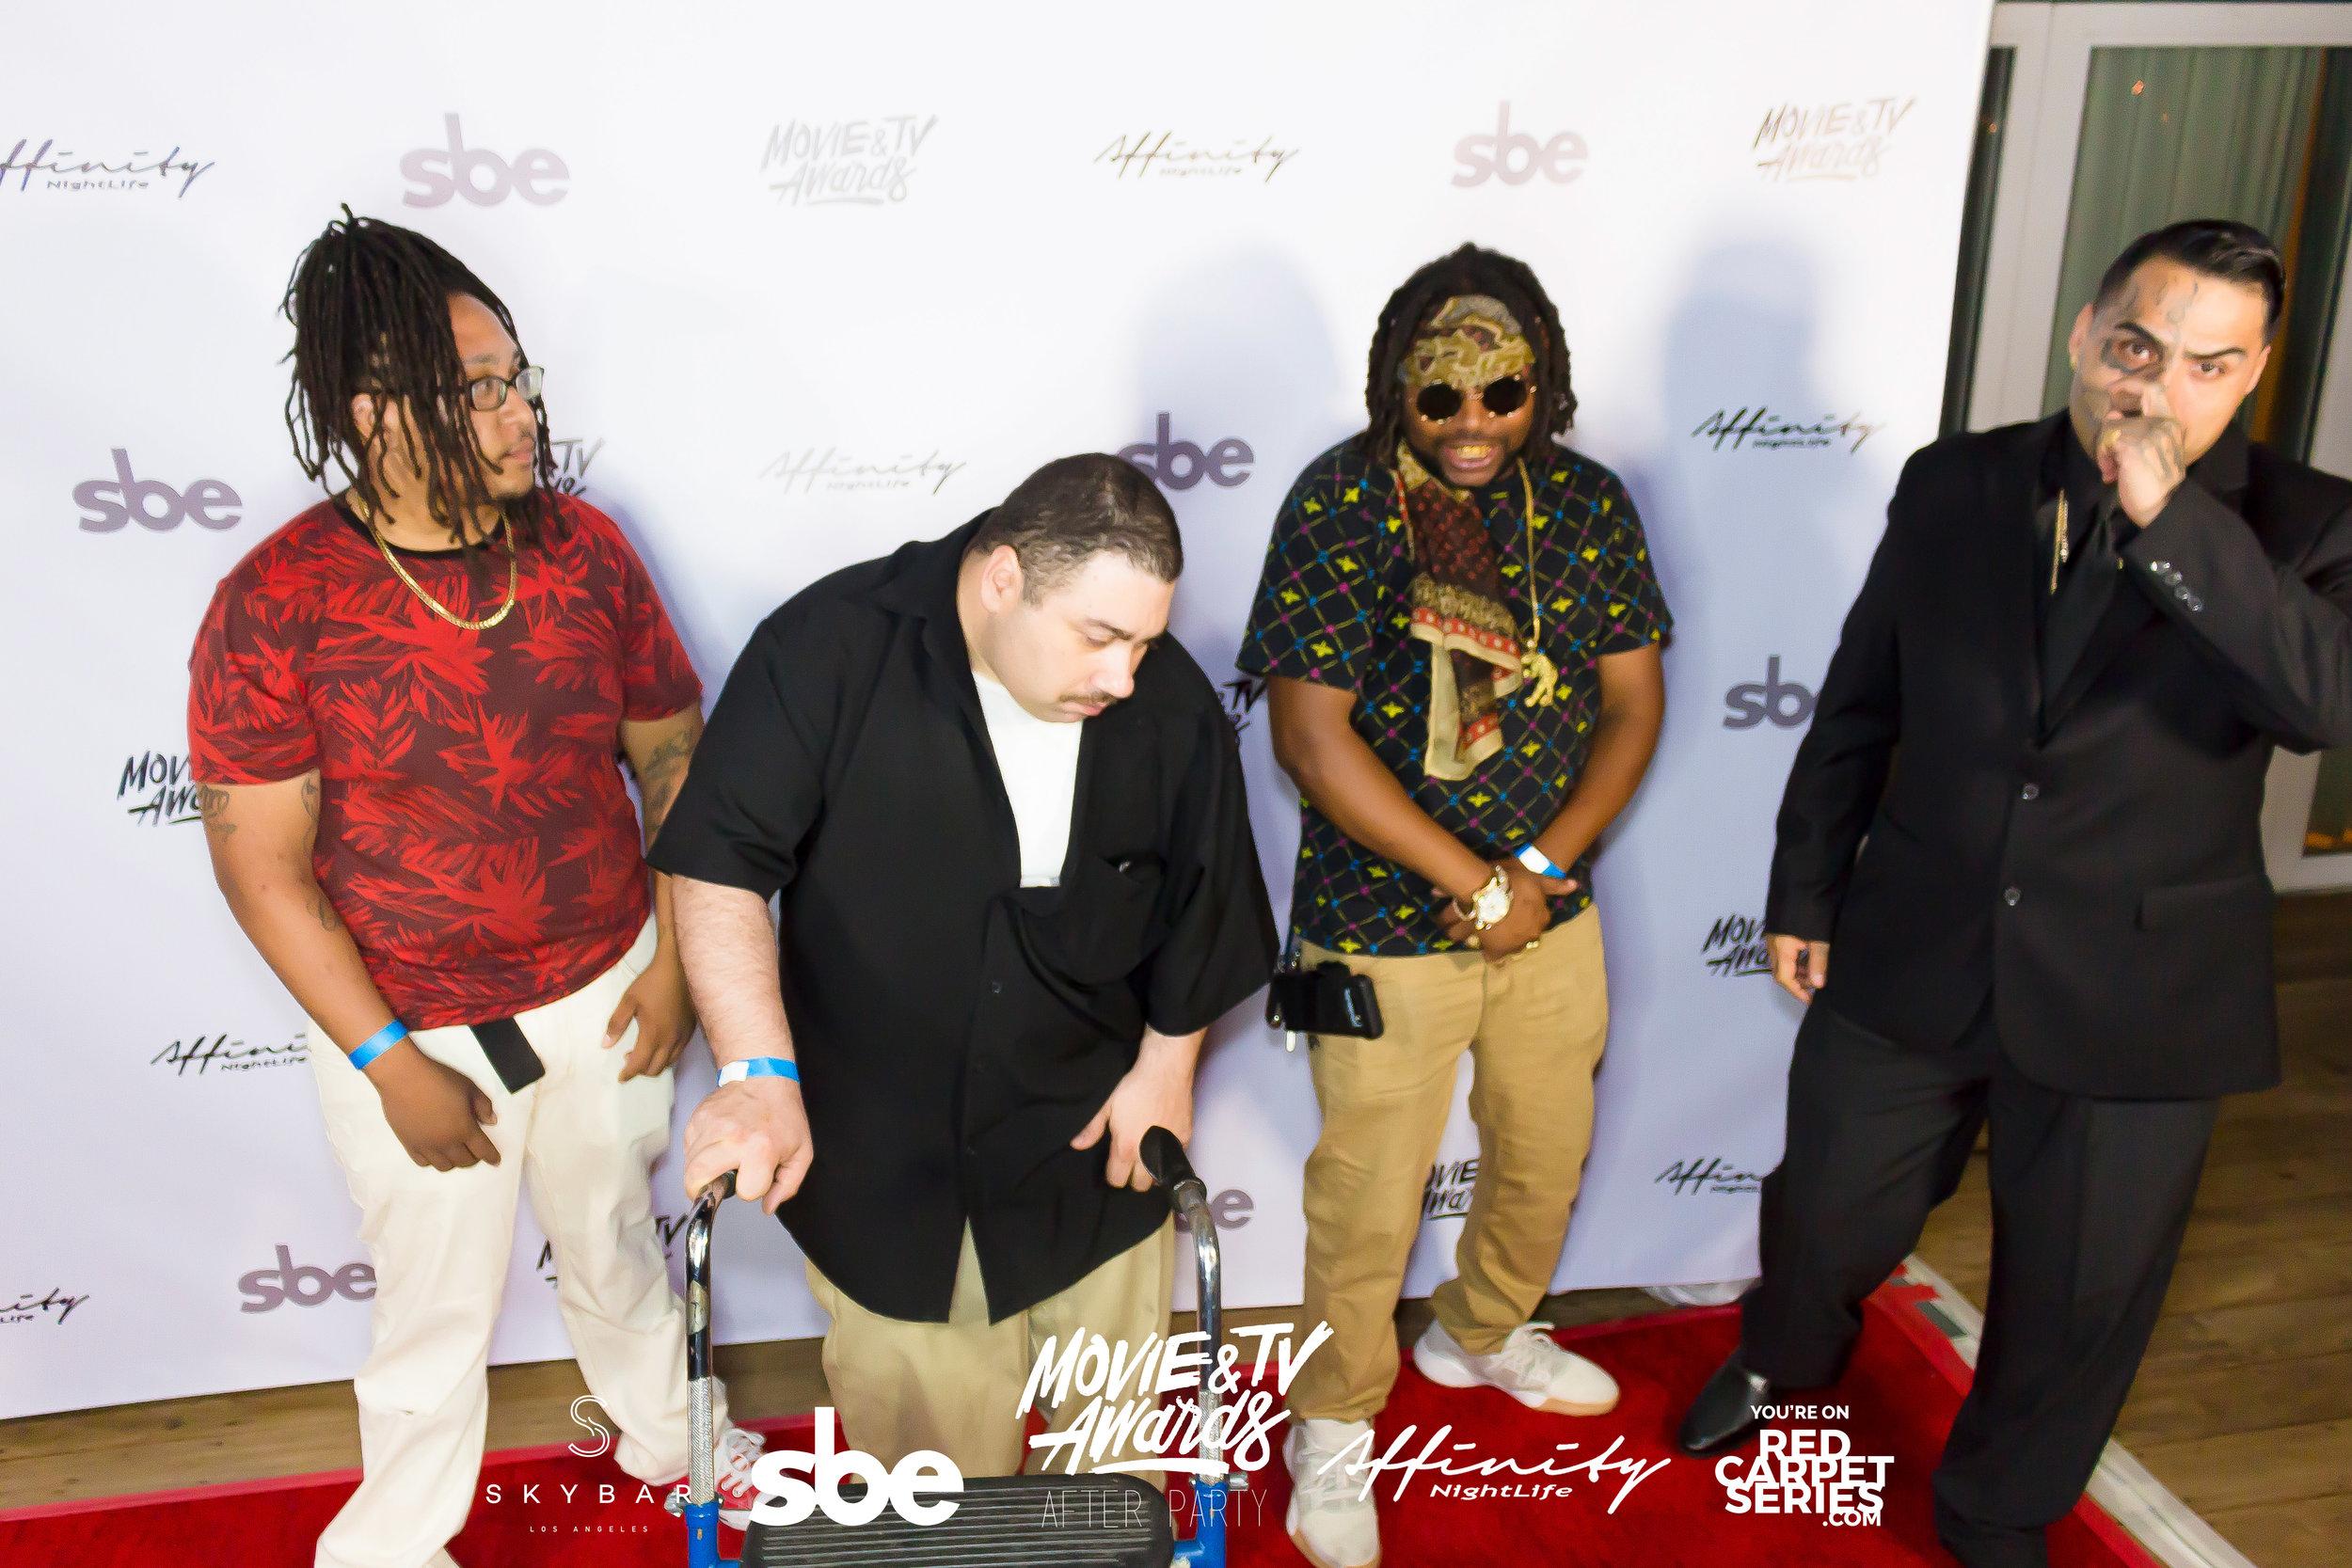 Affinity Nightlife MTV Movie & TV Awards After Party - Skybar at Mondrian - 06-15-19 - Vol. 2_116.jpg